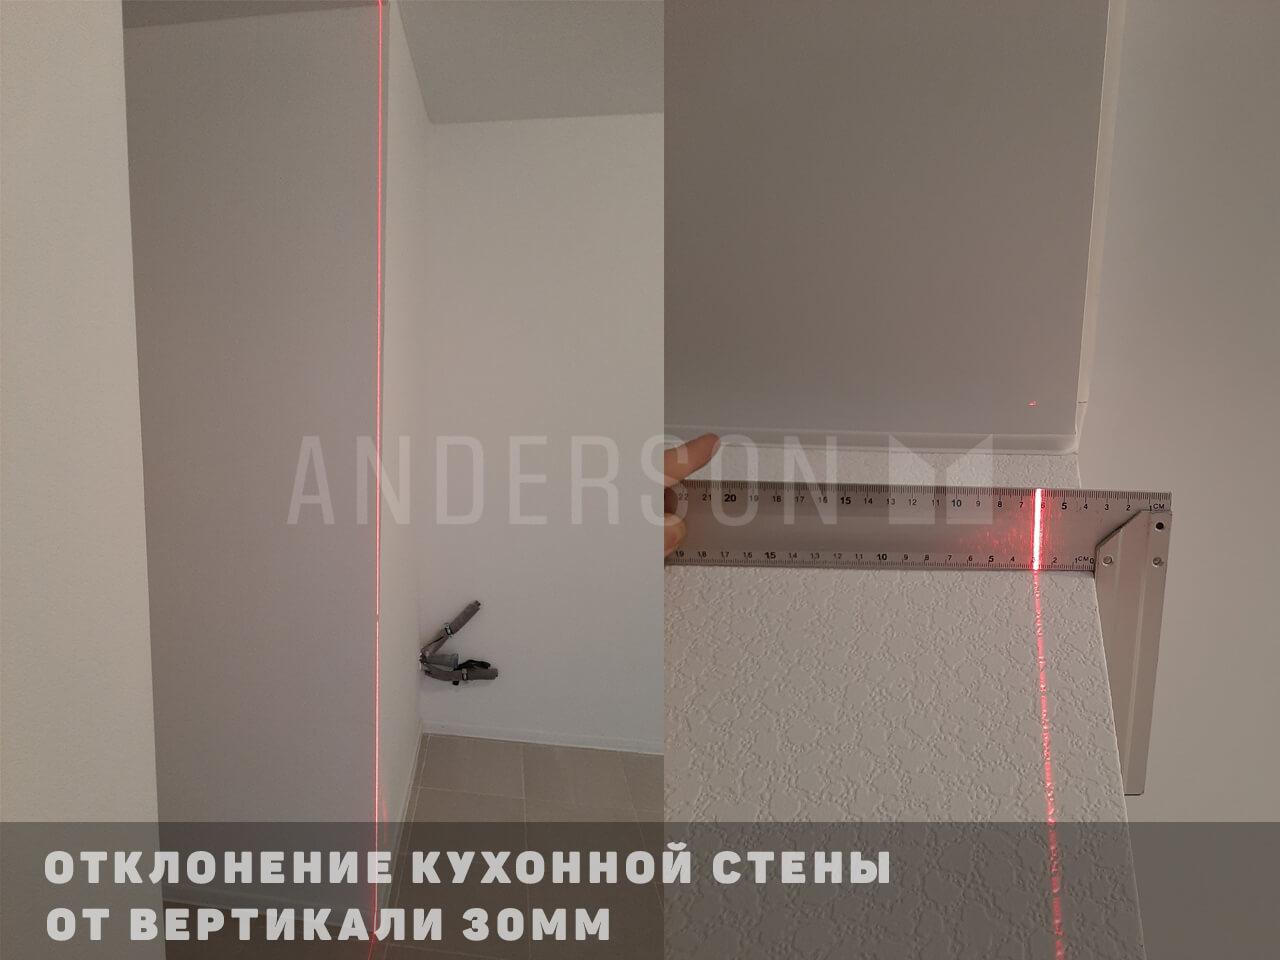 кривая кухонная стена